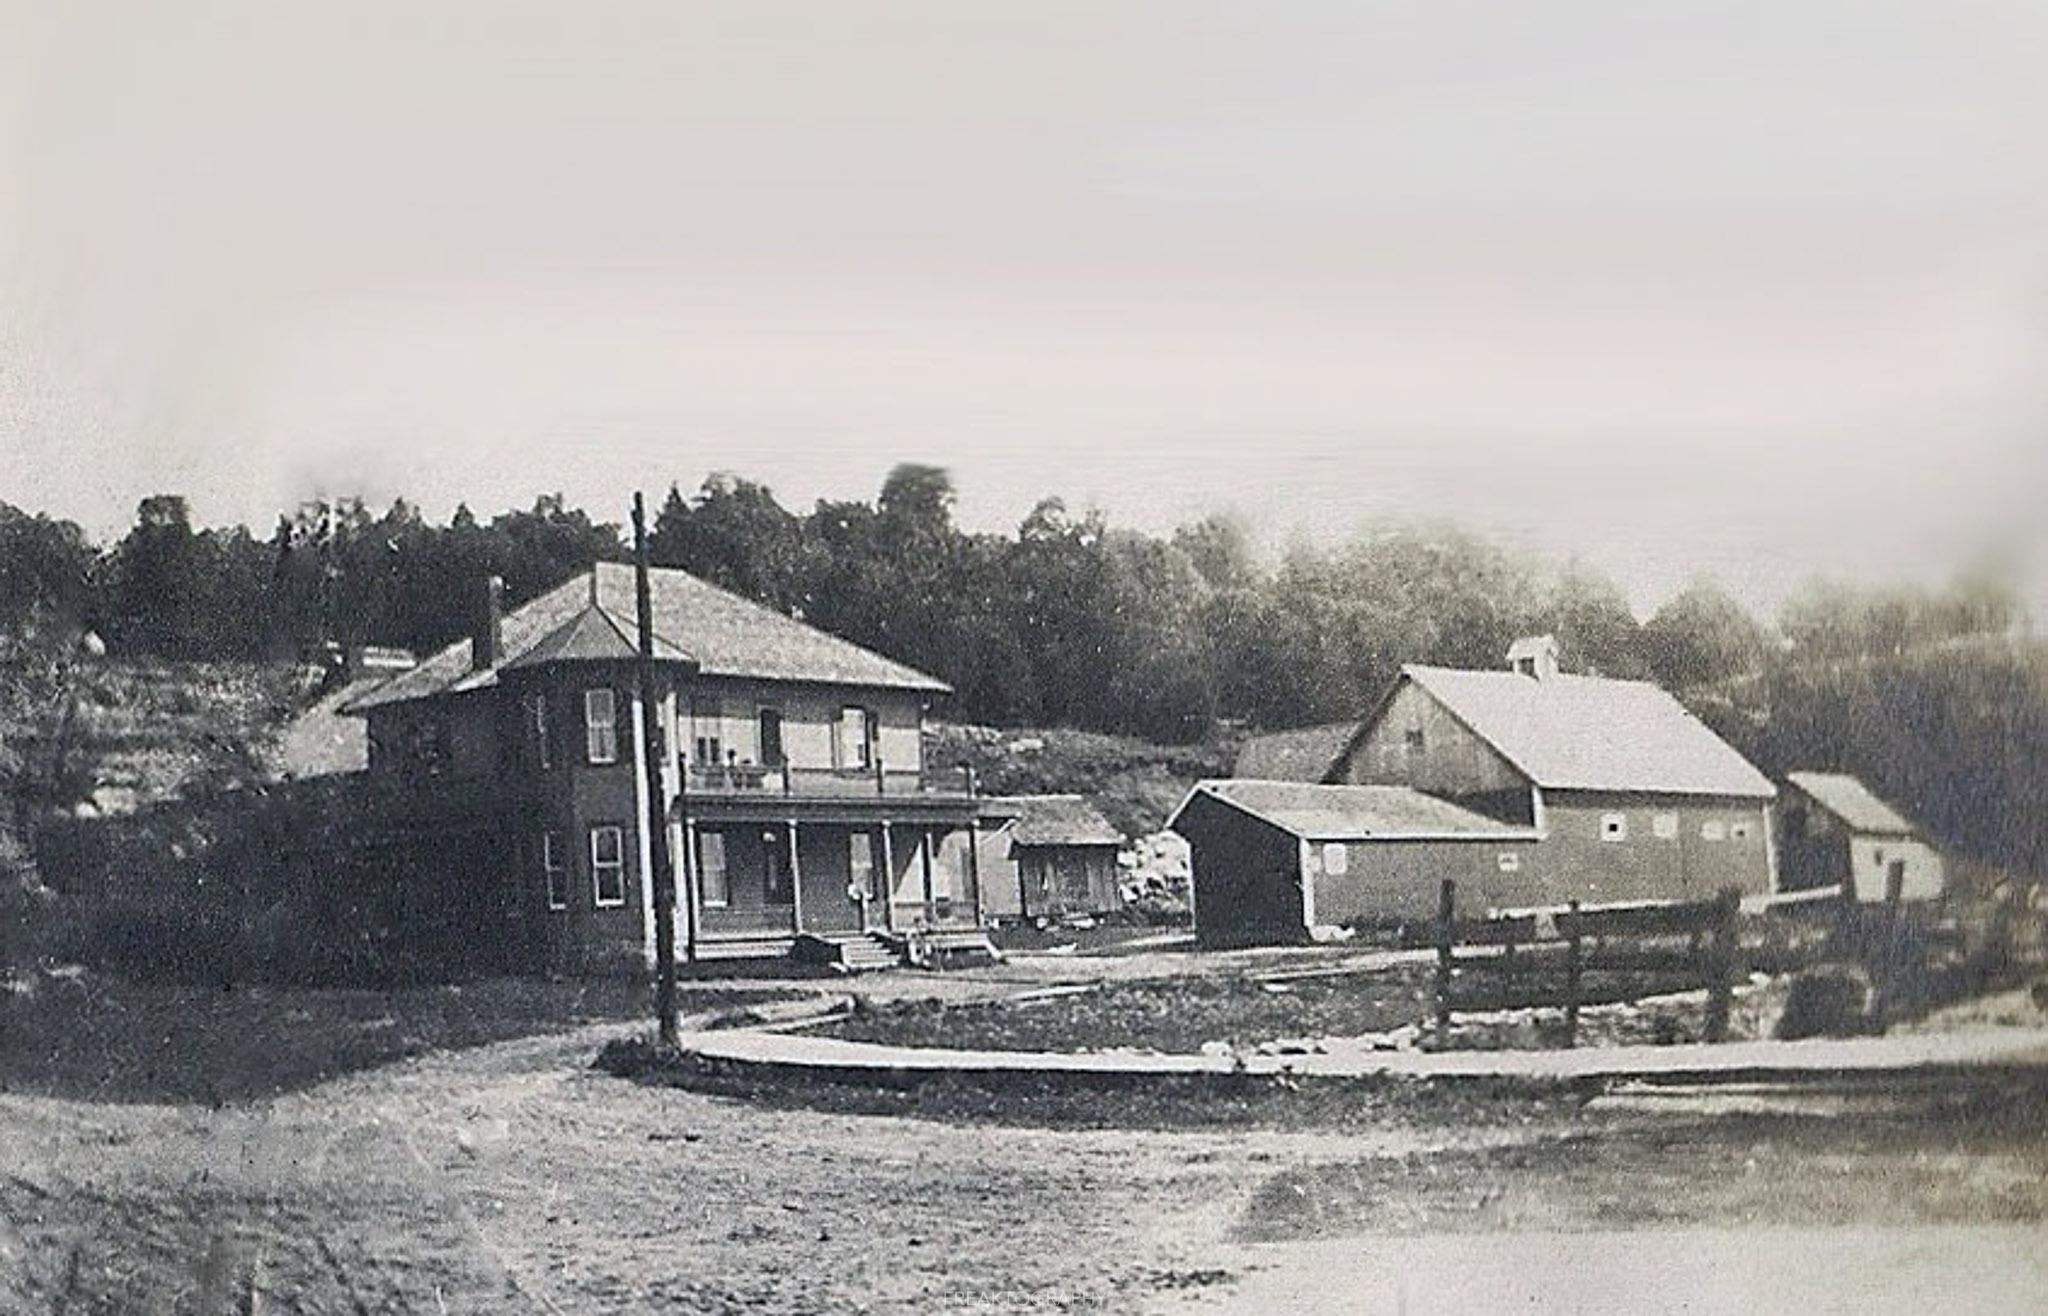 Rockcliffe tavern 1800's